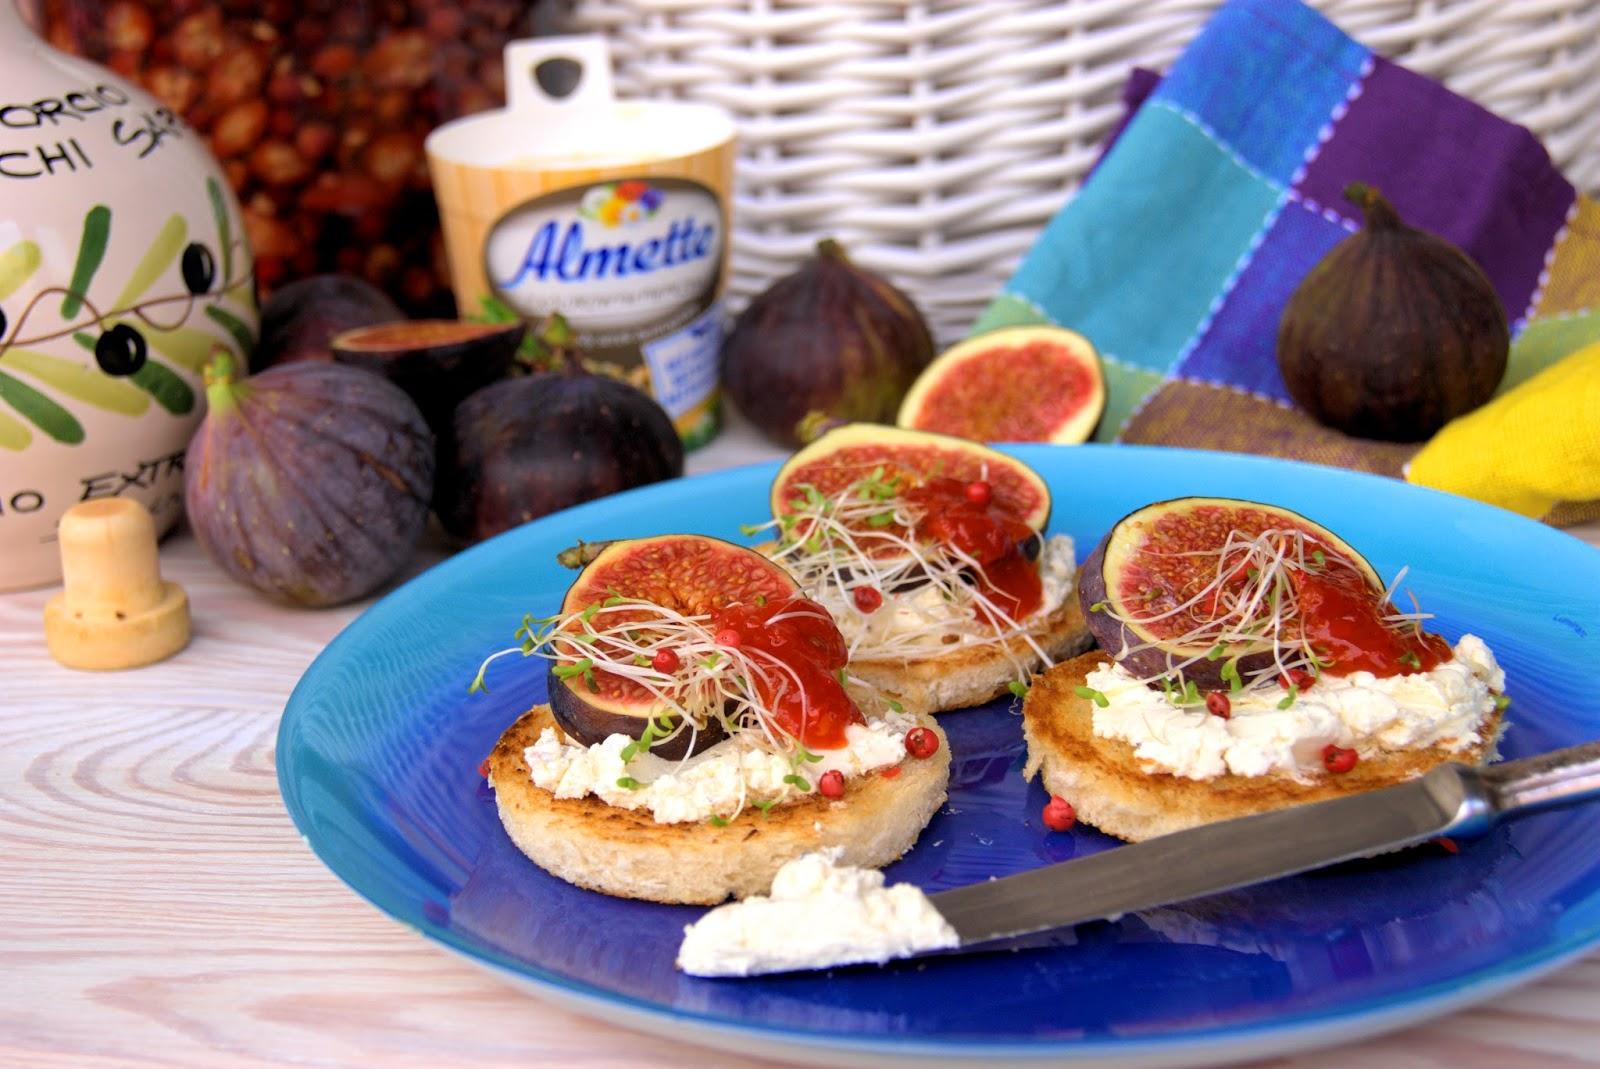 Figi z kremem pieprzowo-cytrynowym i dziką różą, serwowane na szałwiowych grzankach